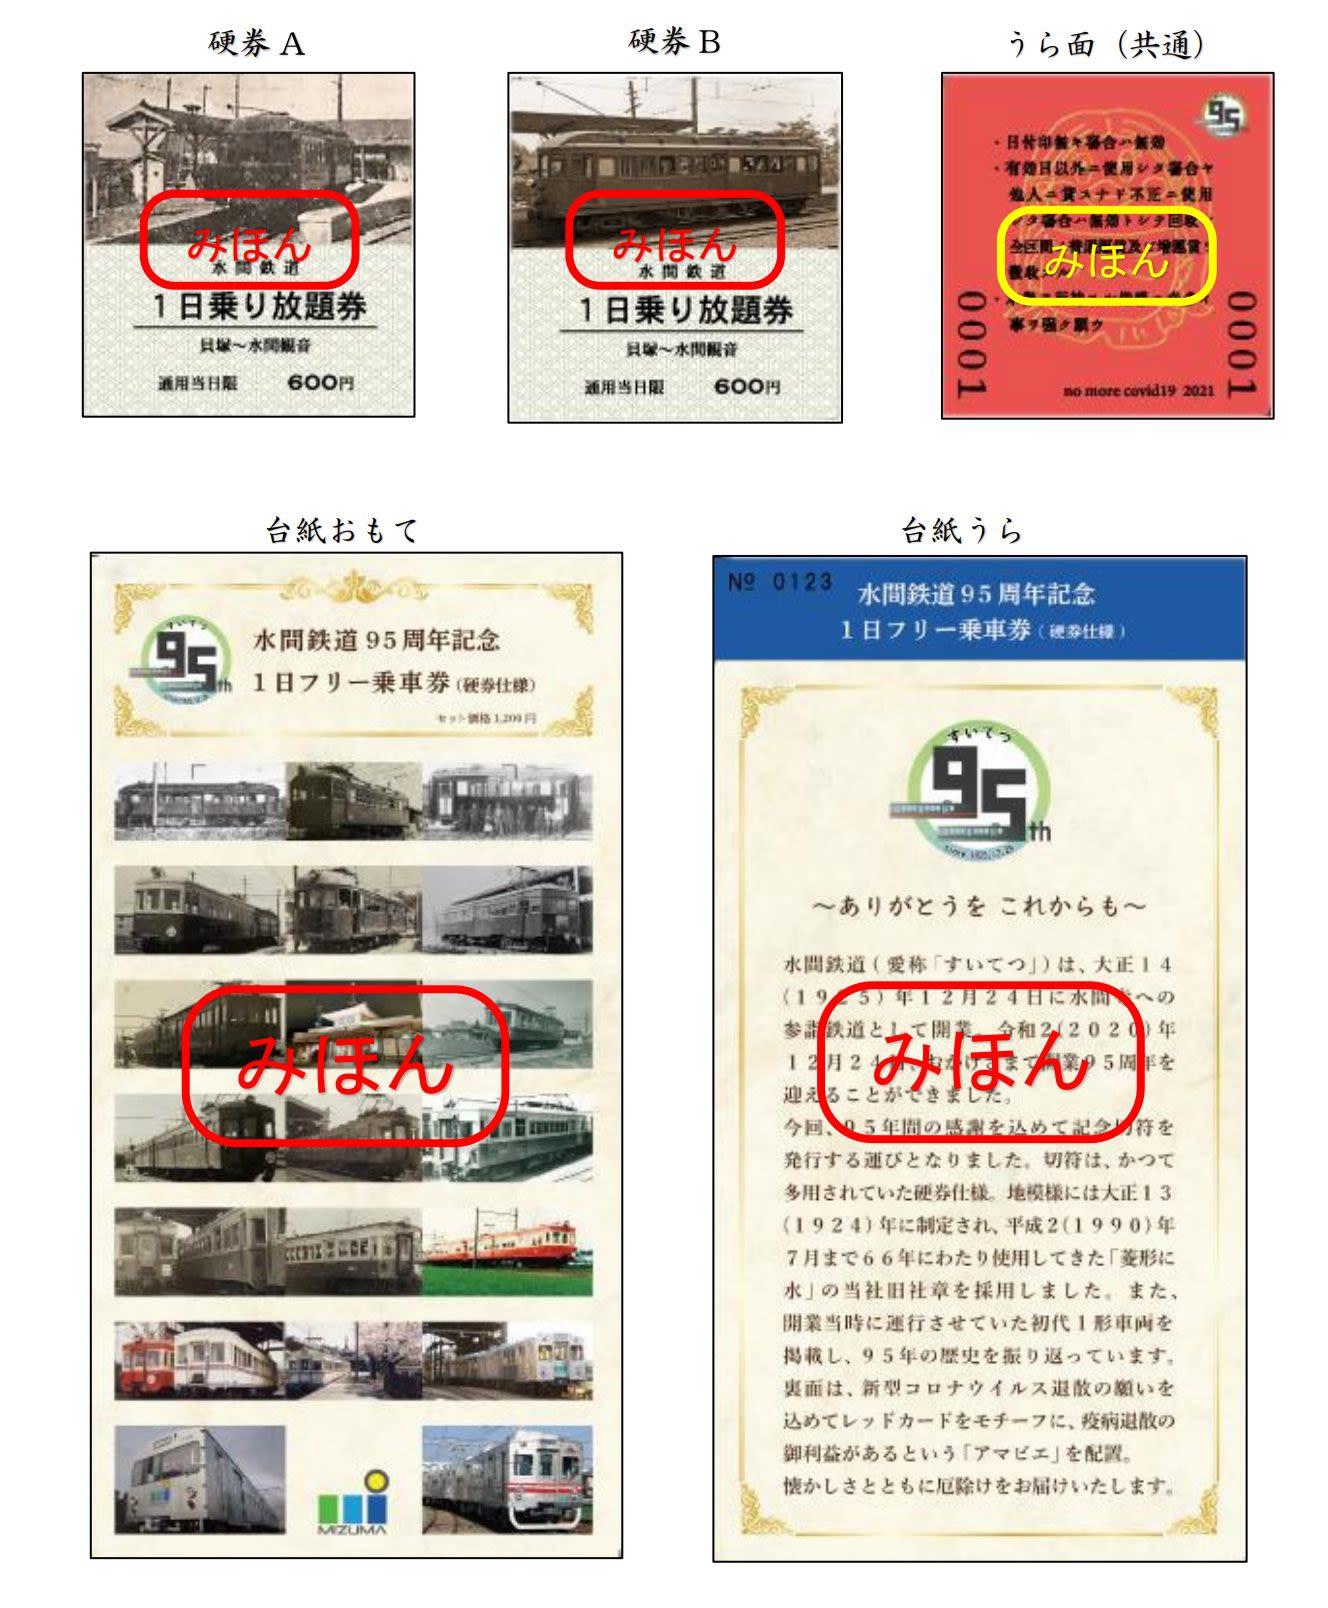 水間鉄道記念切符